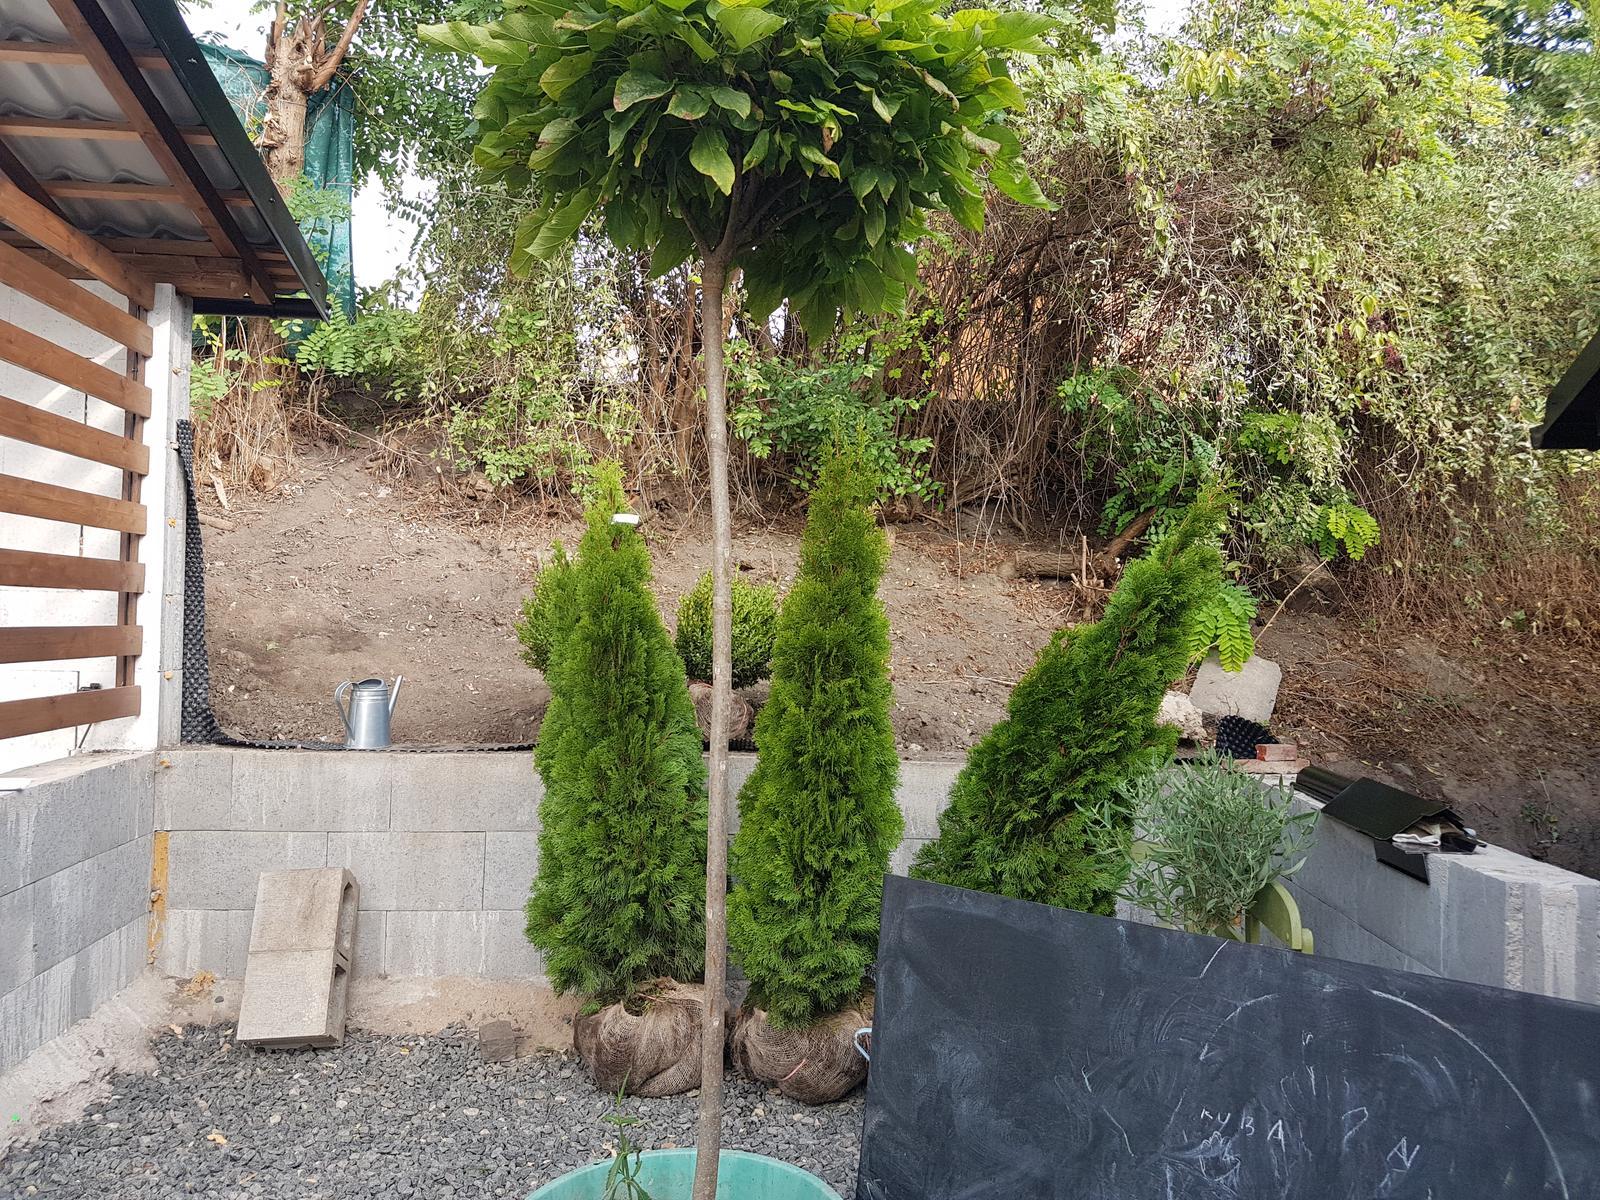 Drevník a kafé kútik - projekt roku  2018 - Urýchlujem rast stromov a kupujem tuje 1,75m vysoke. Buxusy som tiež priplatila takže už ich môžem aj tvarovať.